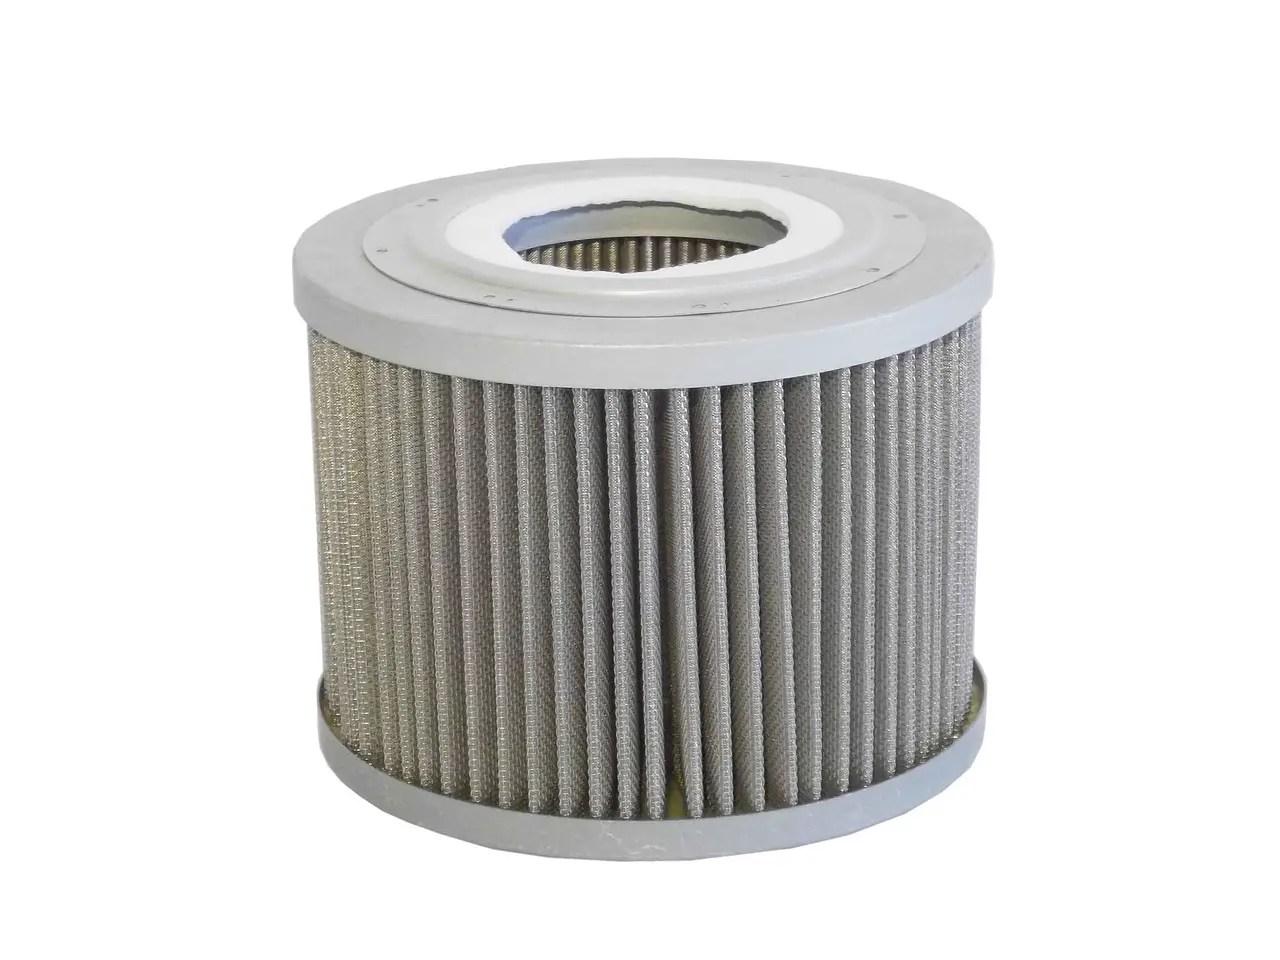 Filter Quality of your vacuum, Vacuum Fanatics